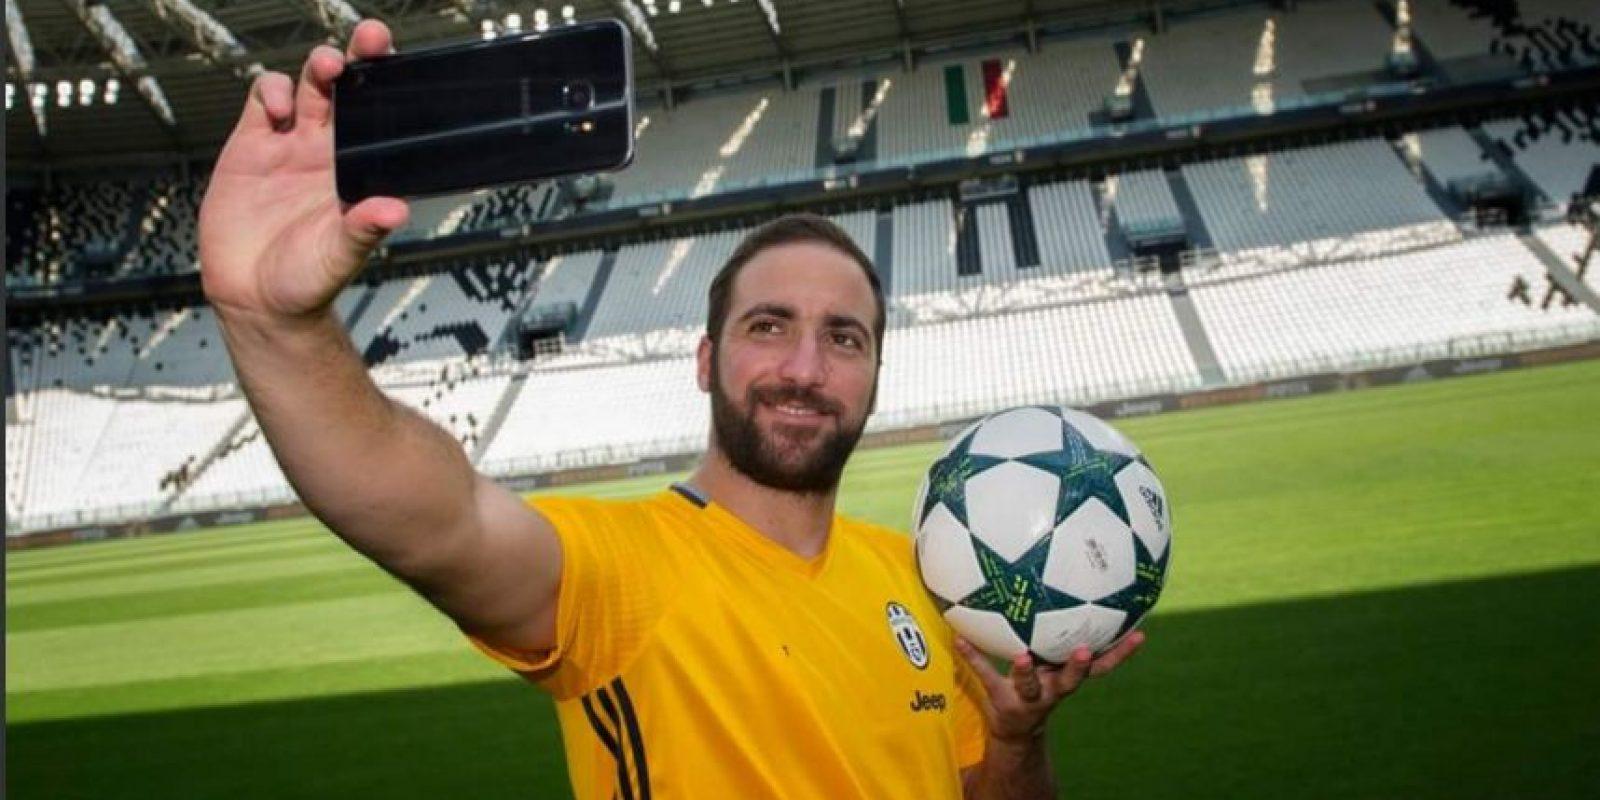 Luego de 36 goles con Napoli y ser el máximo goleador histórico en una temporada de la Serie A, los napolitanos no dudaron en ficharlo Foto:Twitter Juventus